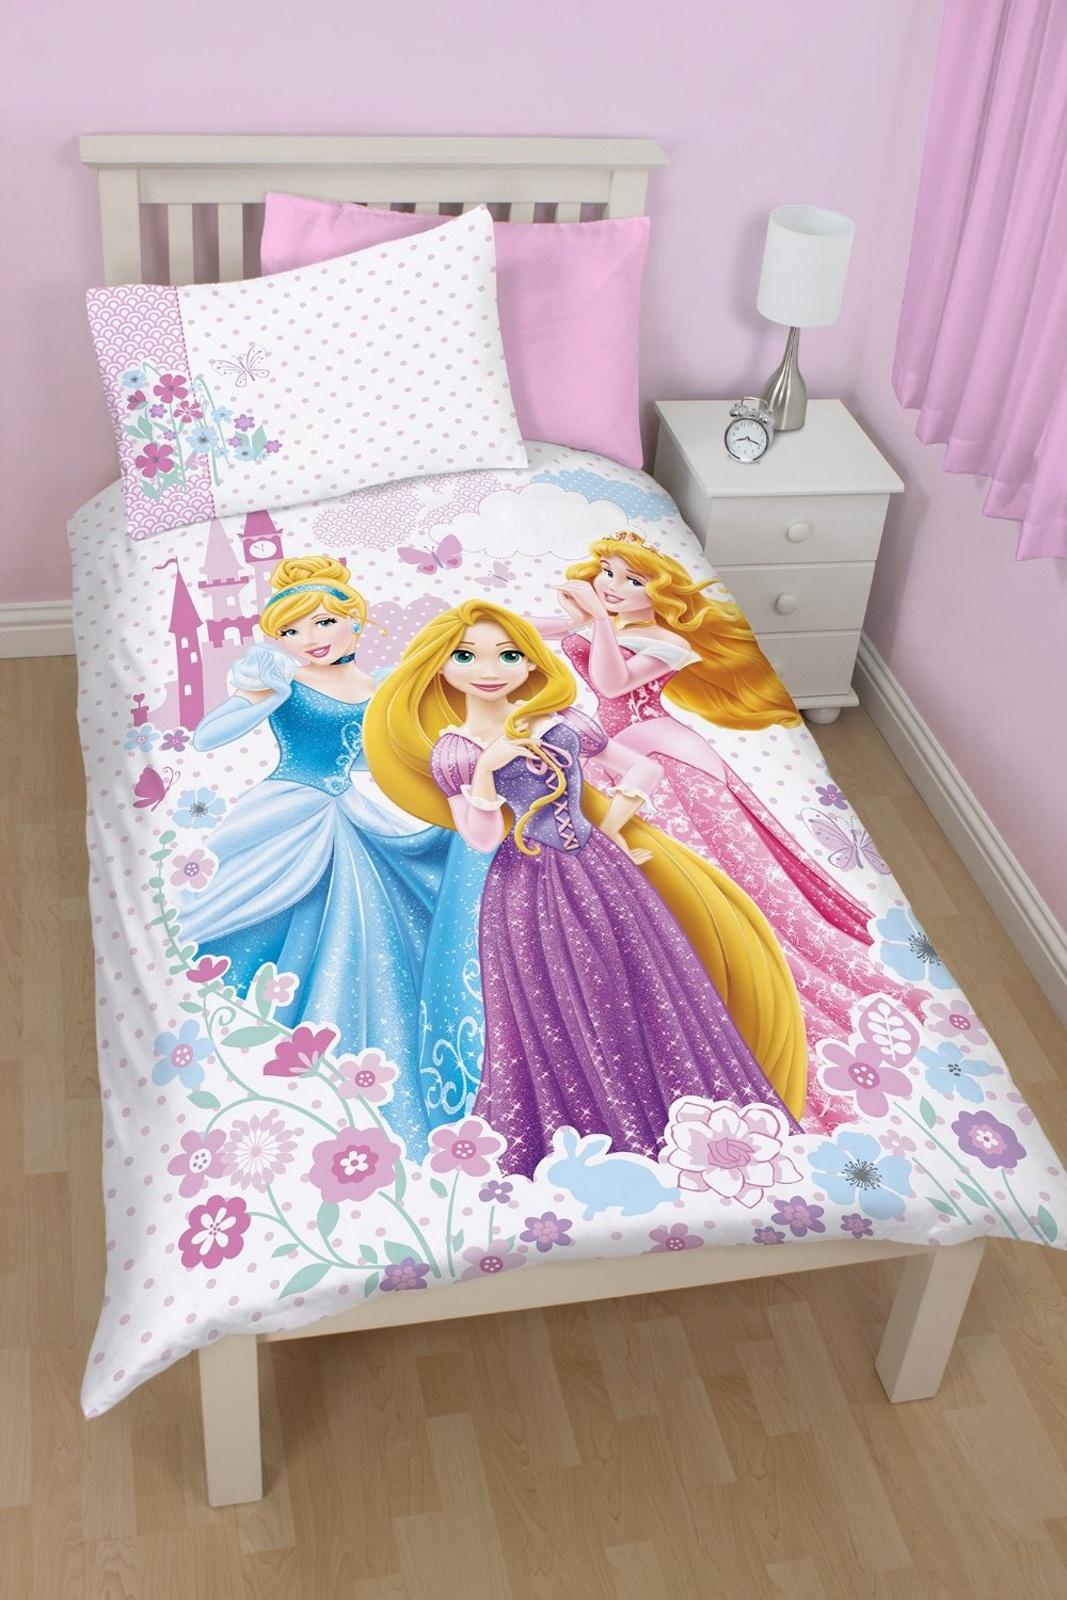 New Girls Single Duvet Quilt Cover Amp Pillowcase Bedding